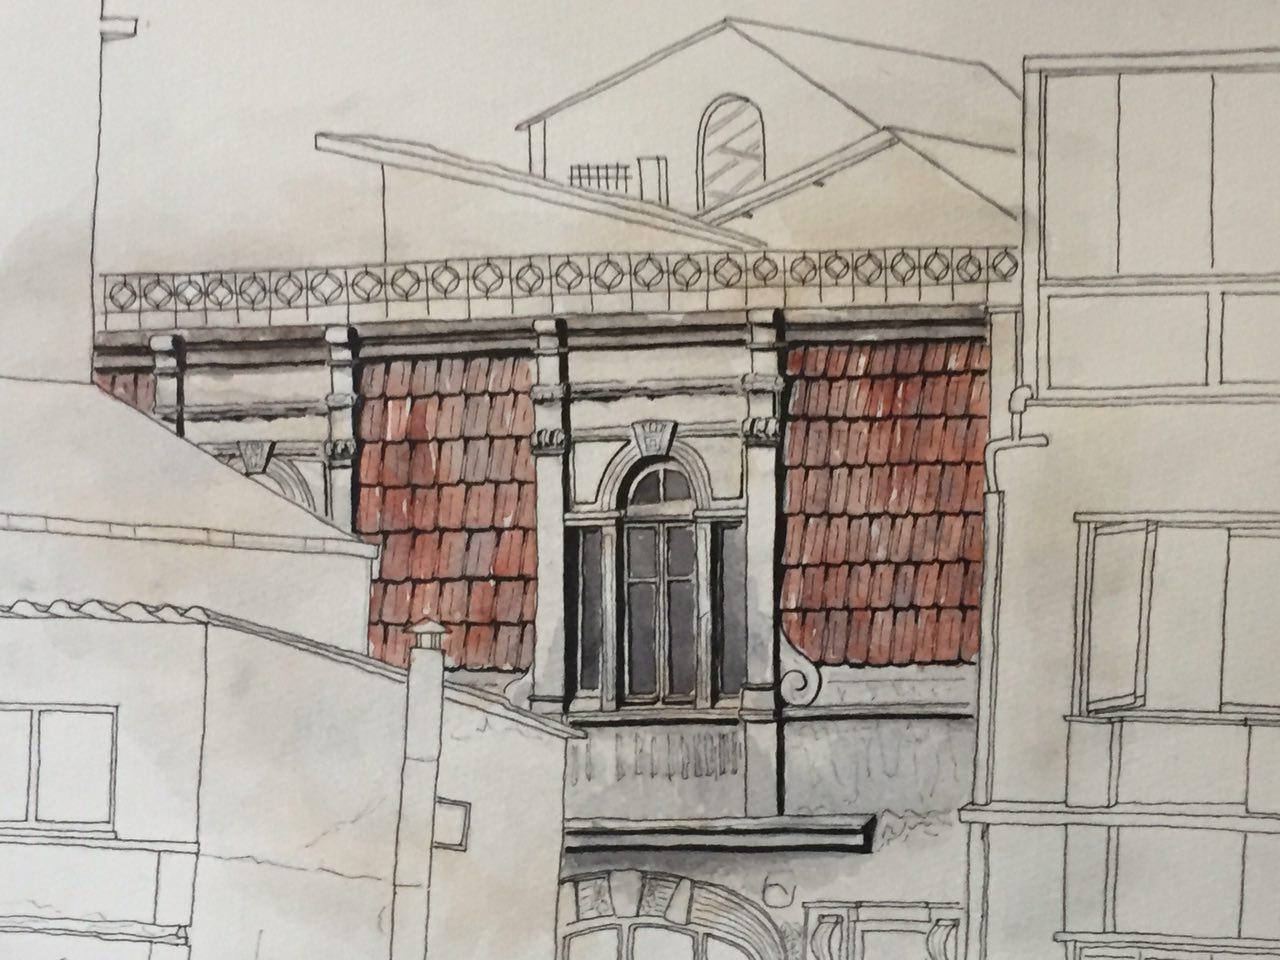 Dernek ofisinin bulunduğu hanın dışarıdan görüntüsüne dair bir el çizimi.